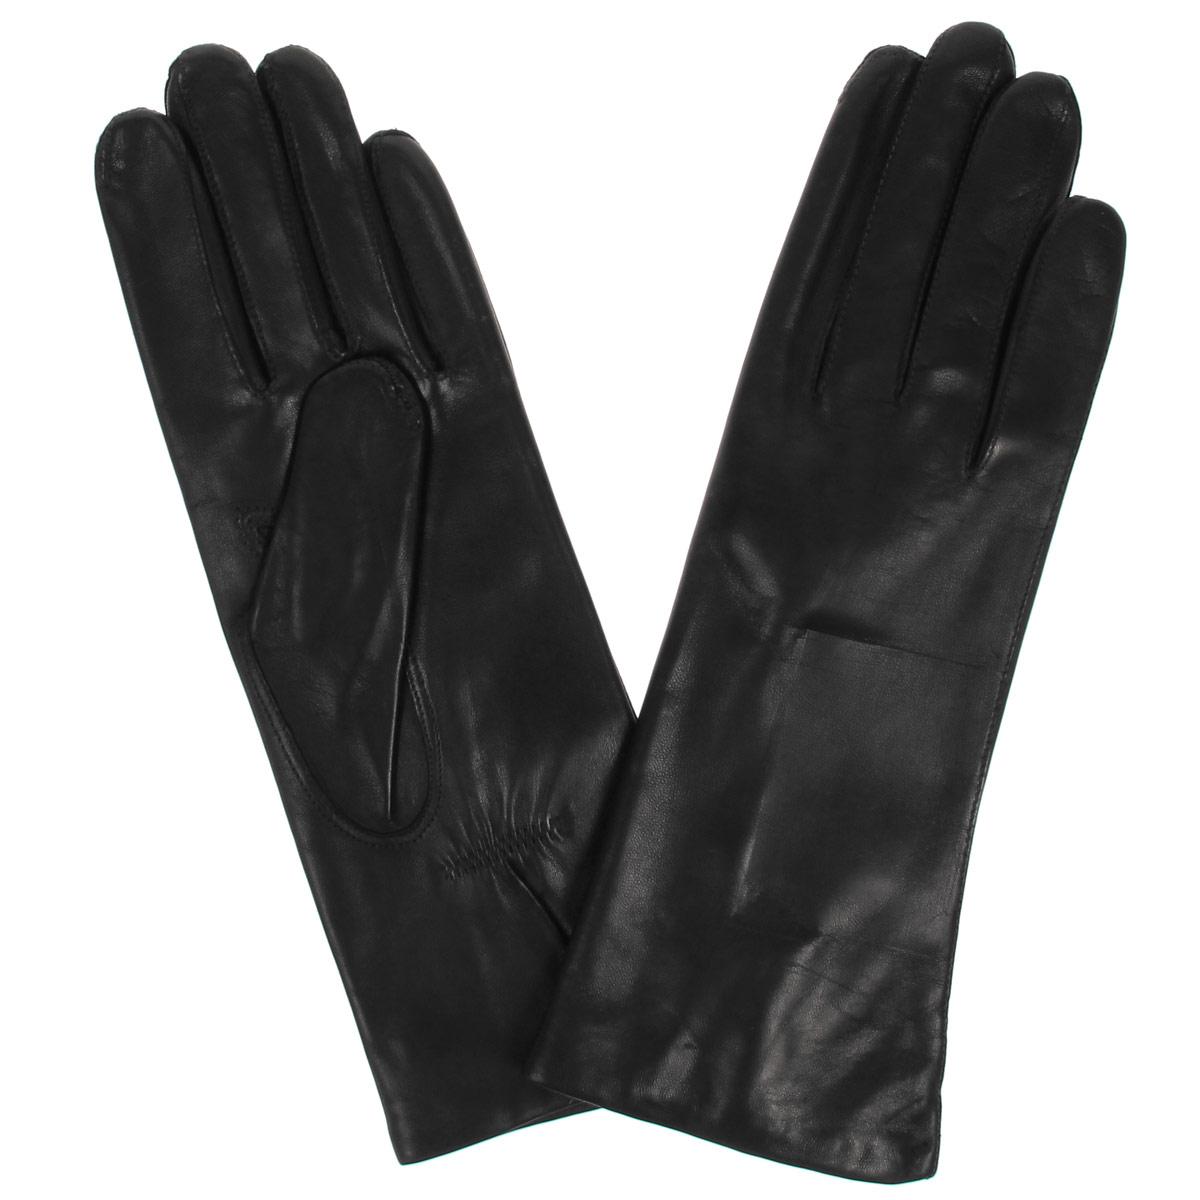 DF12-231-rСтильные женские перчатки Bartoc не только защитят ваши руки от холода, но и станут великолепным украшением. Они выполнены из мягкой и приятной на ощупь натуральной кожи ягненка, подкладка - из шерсти. На тыльной стороне перчатки присборены на небольшие резиночки для лучшего прилегания к запястью. Перчатки являются неотъемлемой принадлежностью одежды, вместе с этим аксессуаром вы обретаете женственность и элегантность. Они станут завершающим и подчеркивающим элементом вашего неповторимого стиля и индивидуальности.